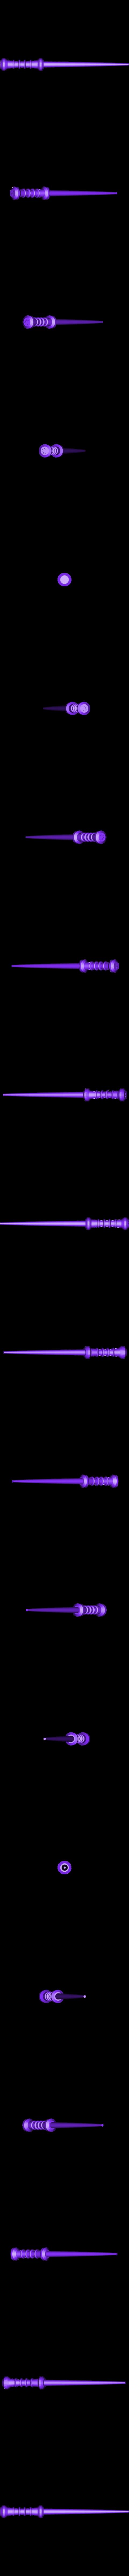 wand_bolt.stl Download free STL file Potterish Magic Wands • 3D printer object, Boyvard